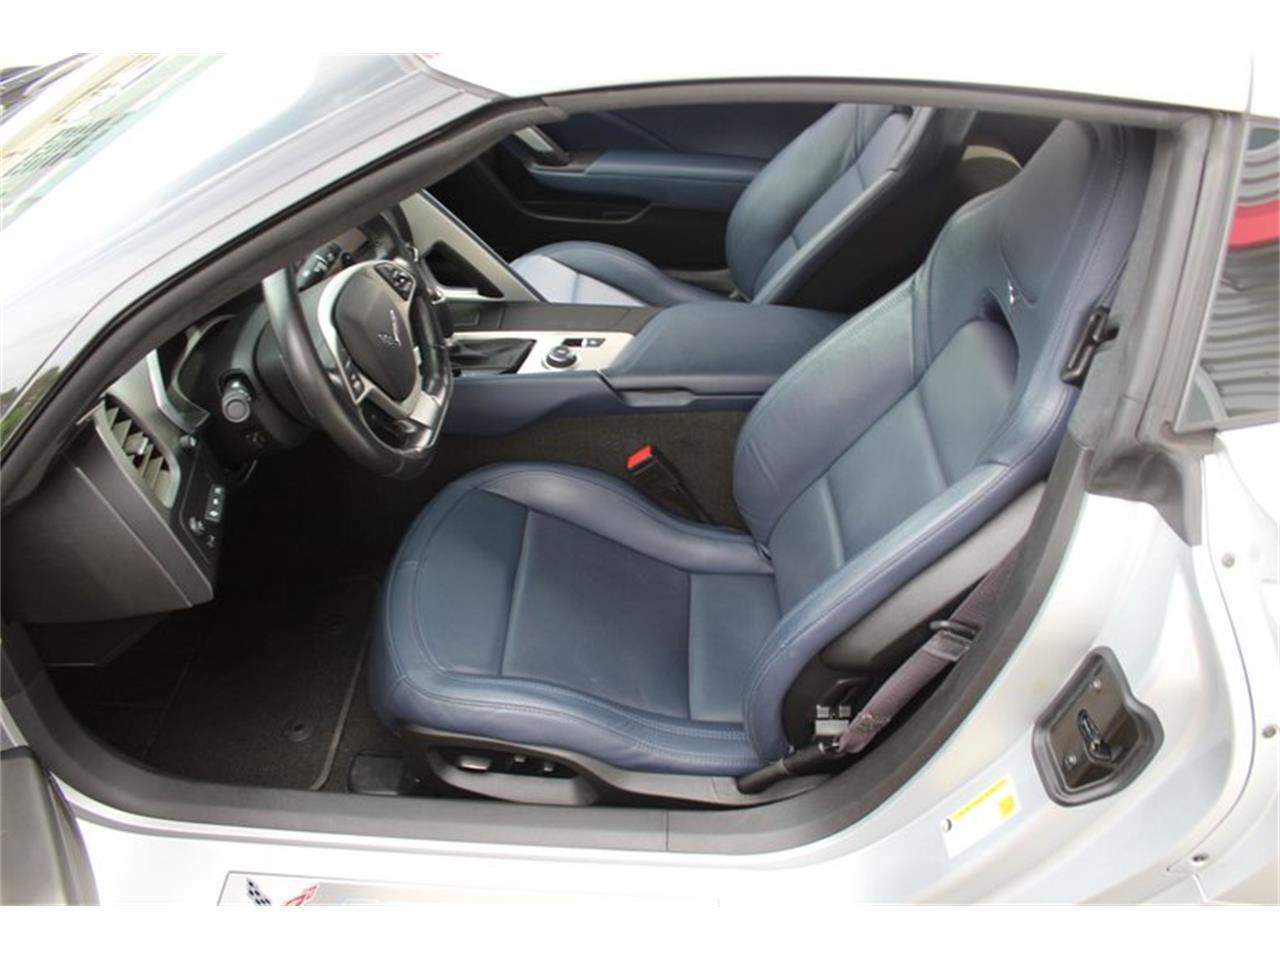 2016 Chevrolet Corvette (CC-1363960) for sale in Clifton Park, New York